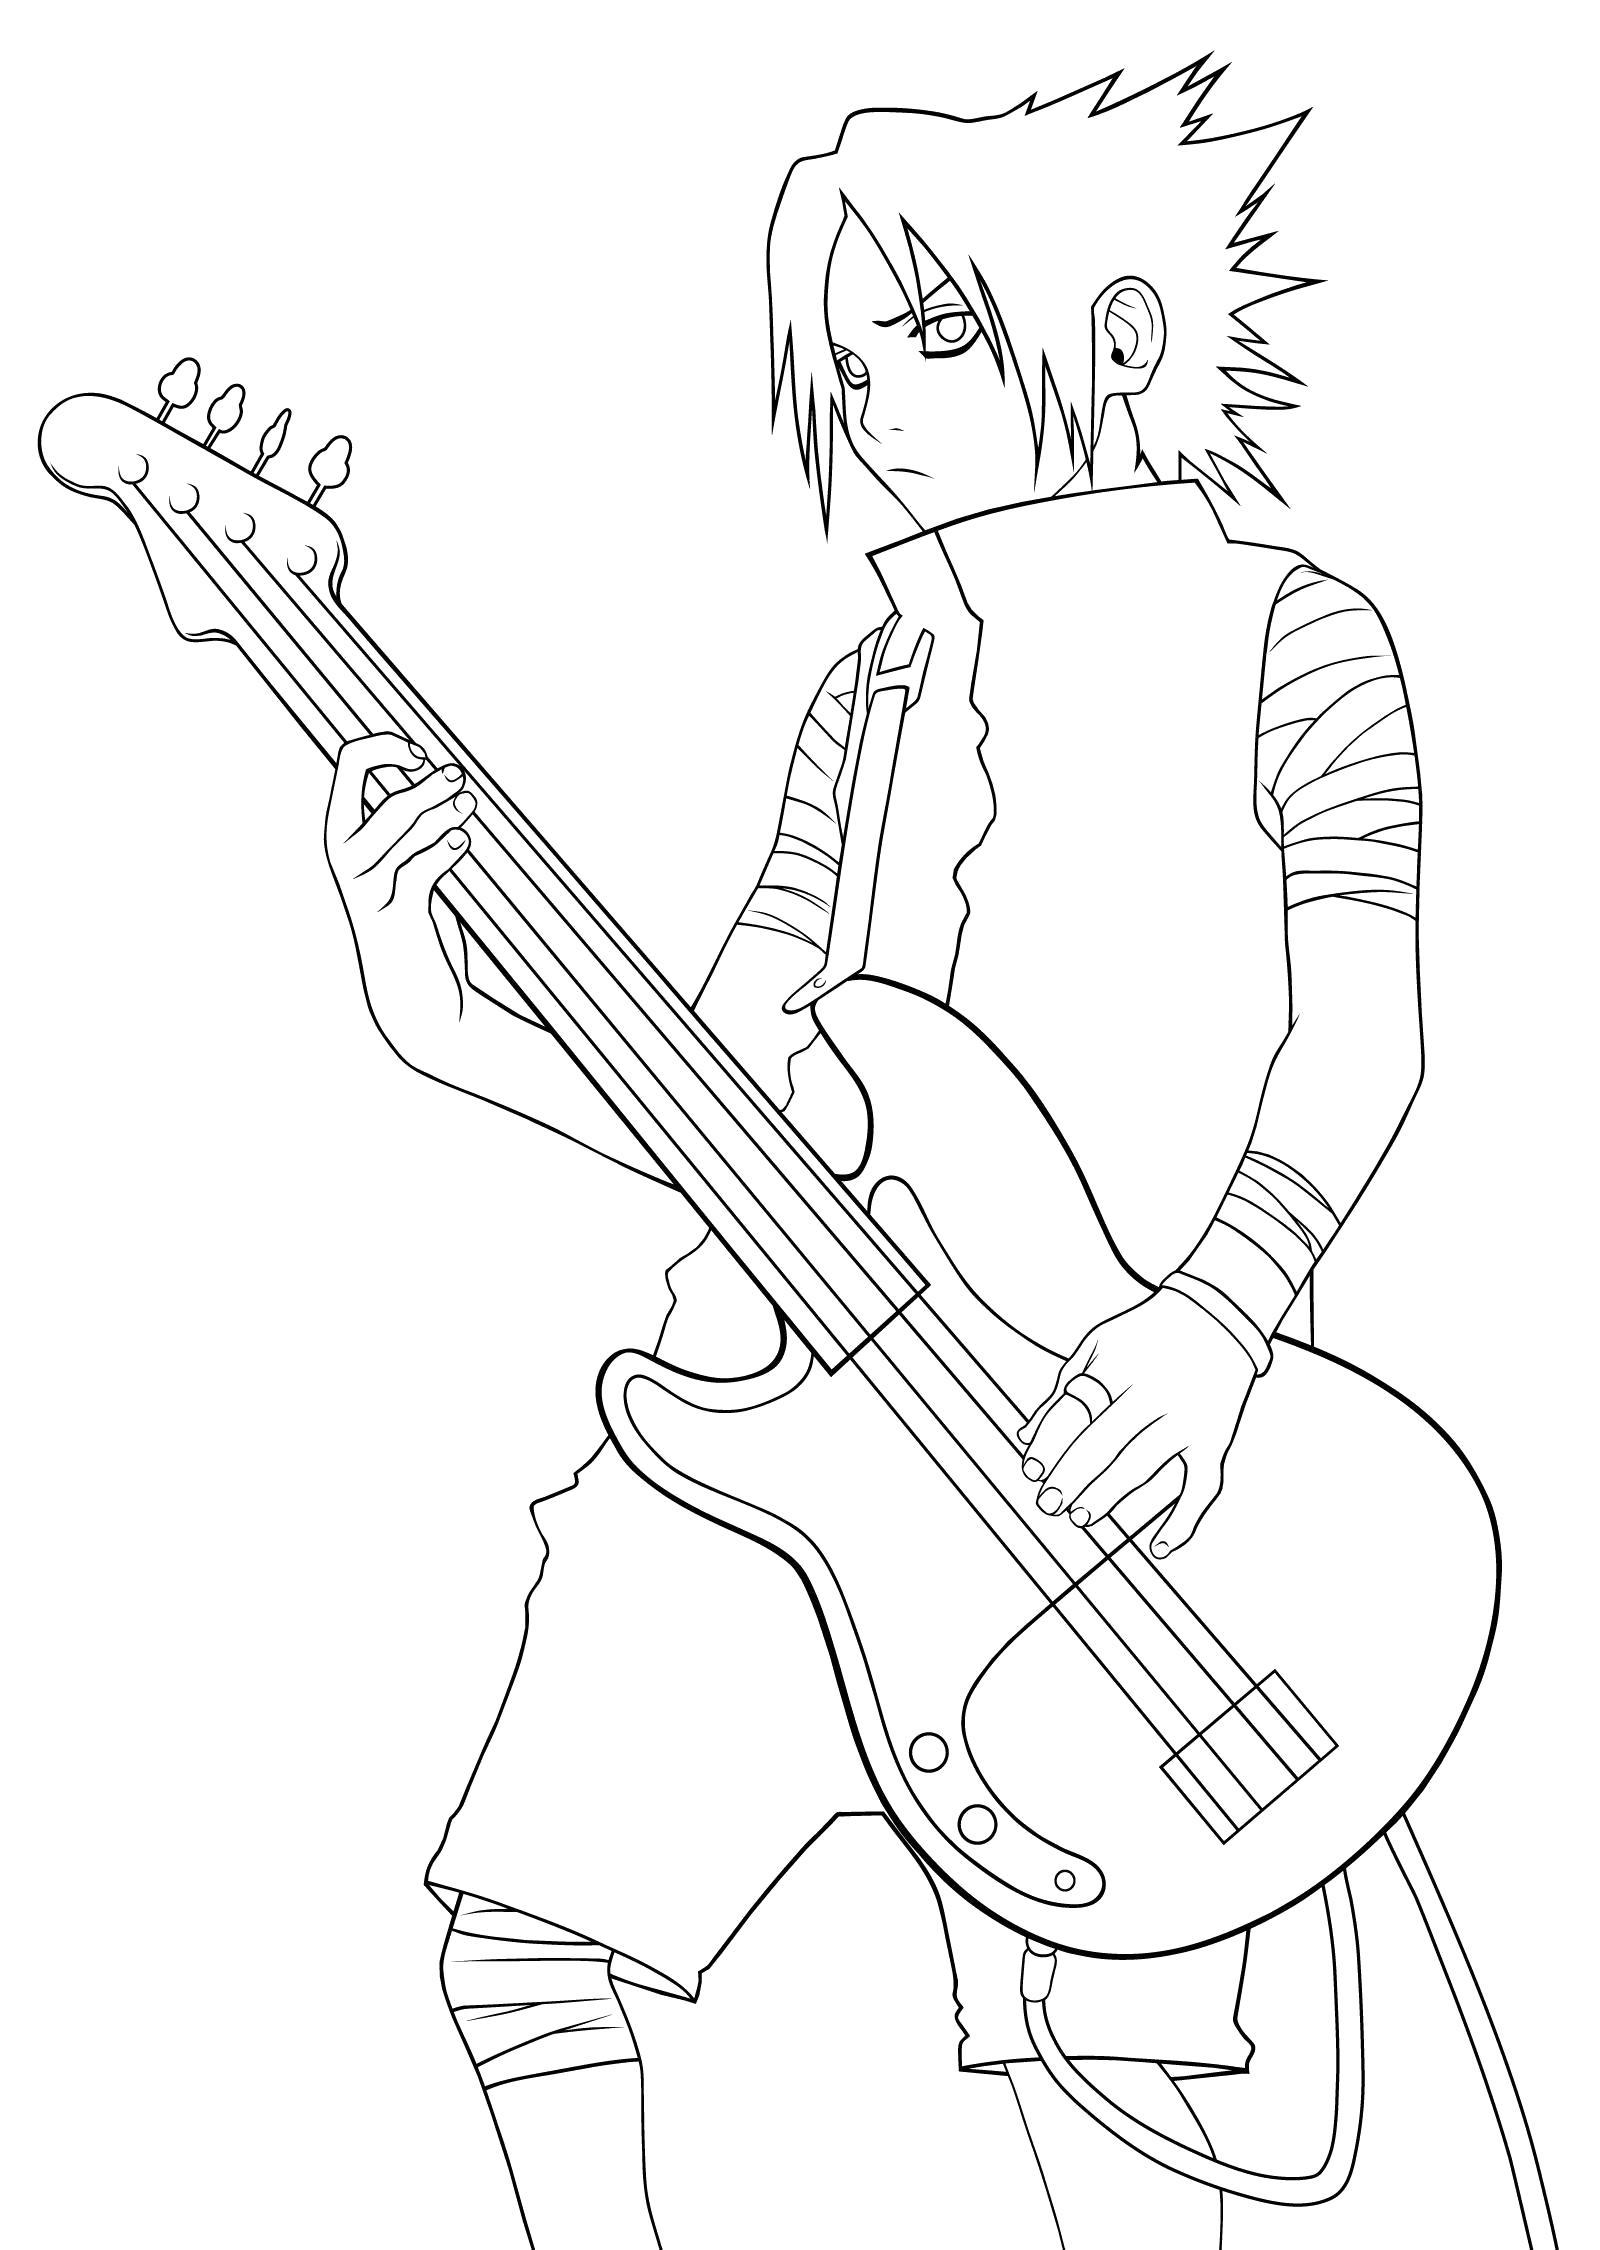 Раскраска Саске с гитарой. Скачать наруто.  Распечатать наруто